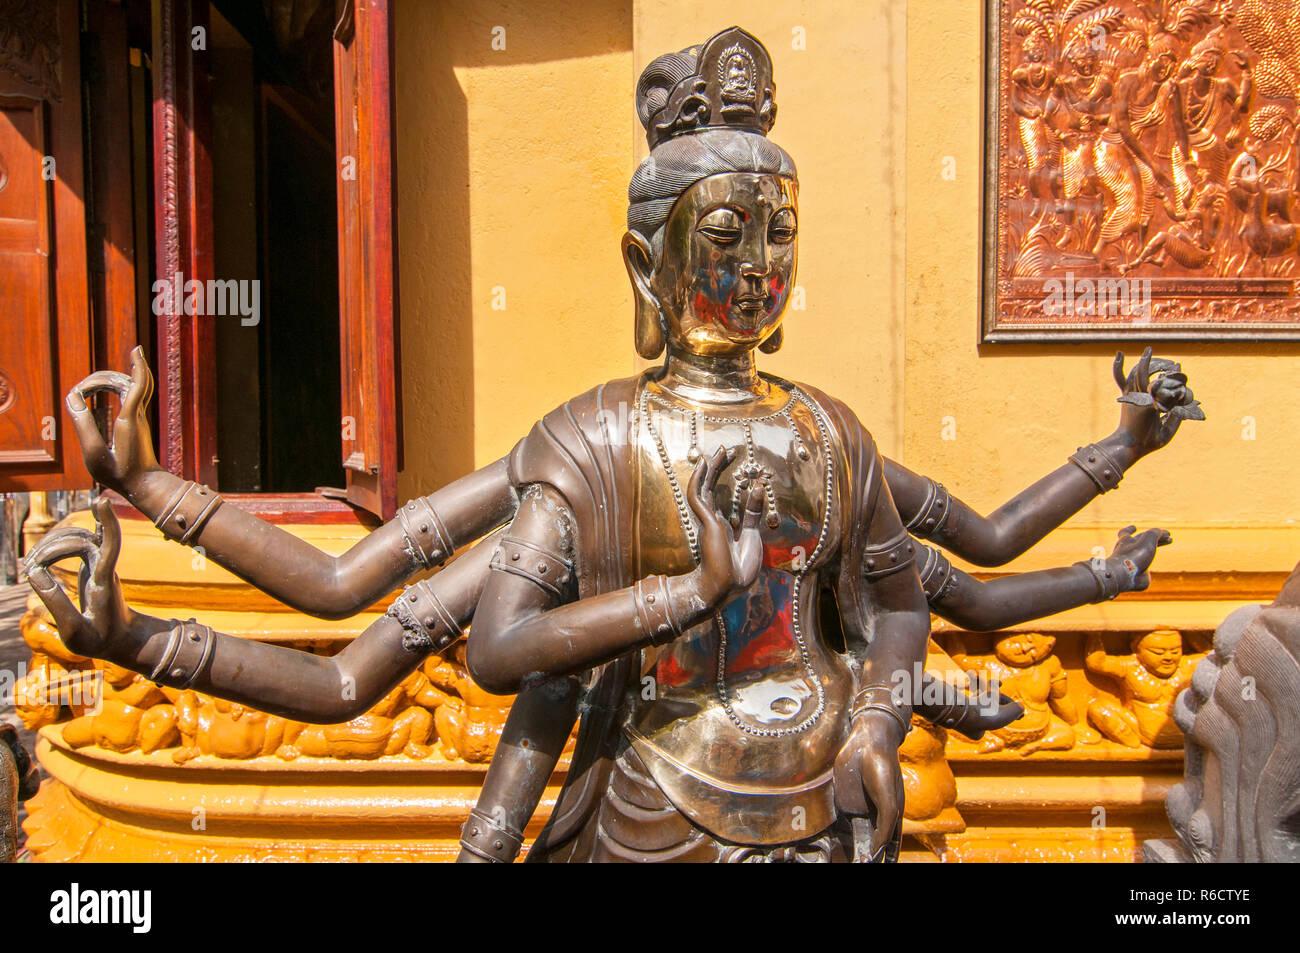 Statue Of The Buddha, Gangaramaya Buddhist Temple, Colombo, Sri Lanka Stock Photo